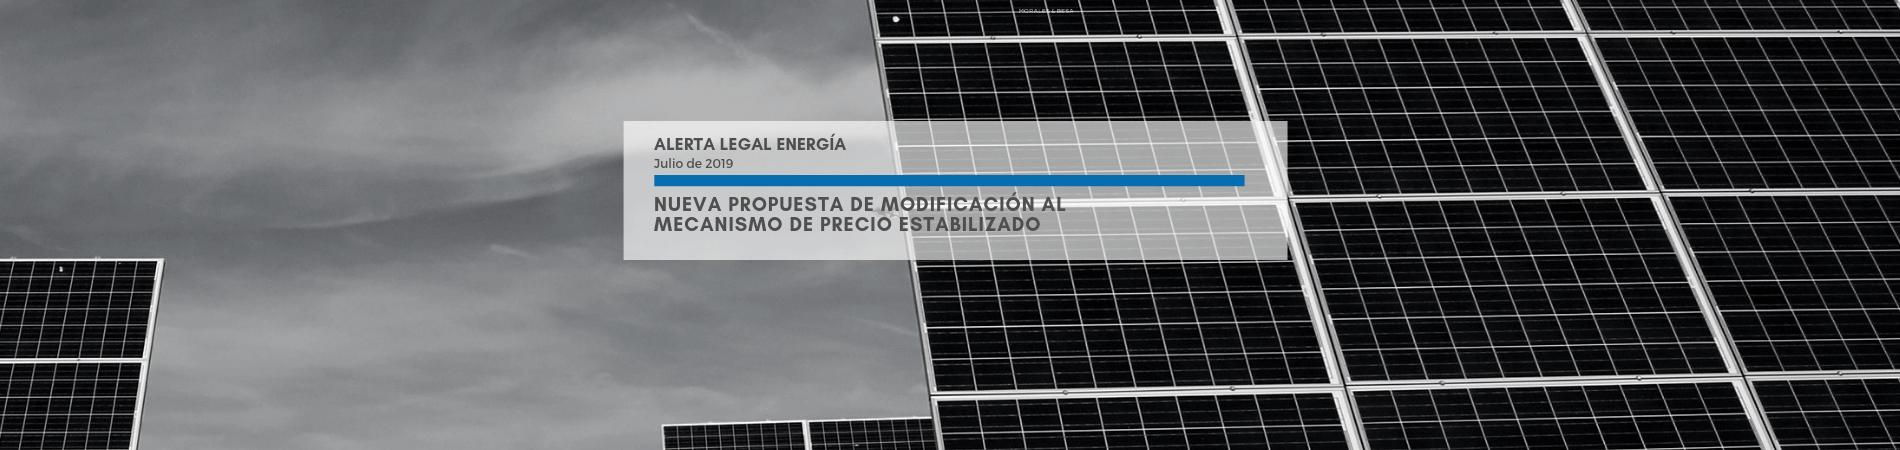 Alerta Legal Energía | Nueva propuesta de modificación al mecanismo de precio estabilizado